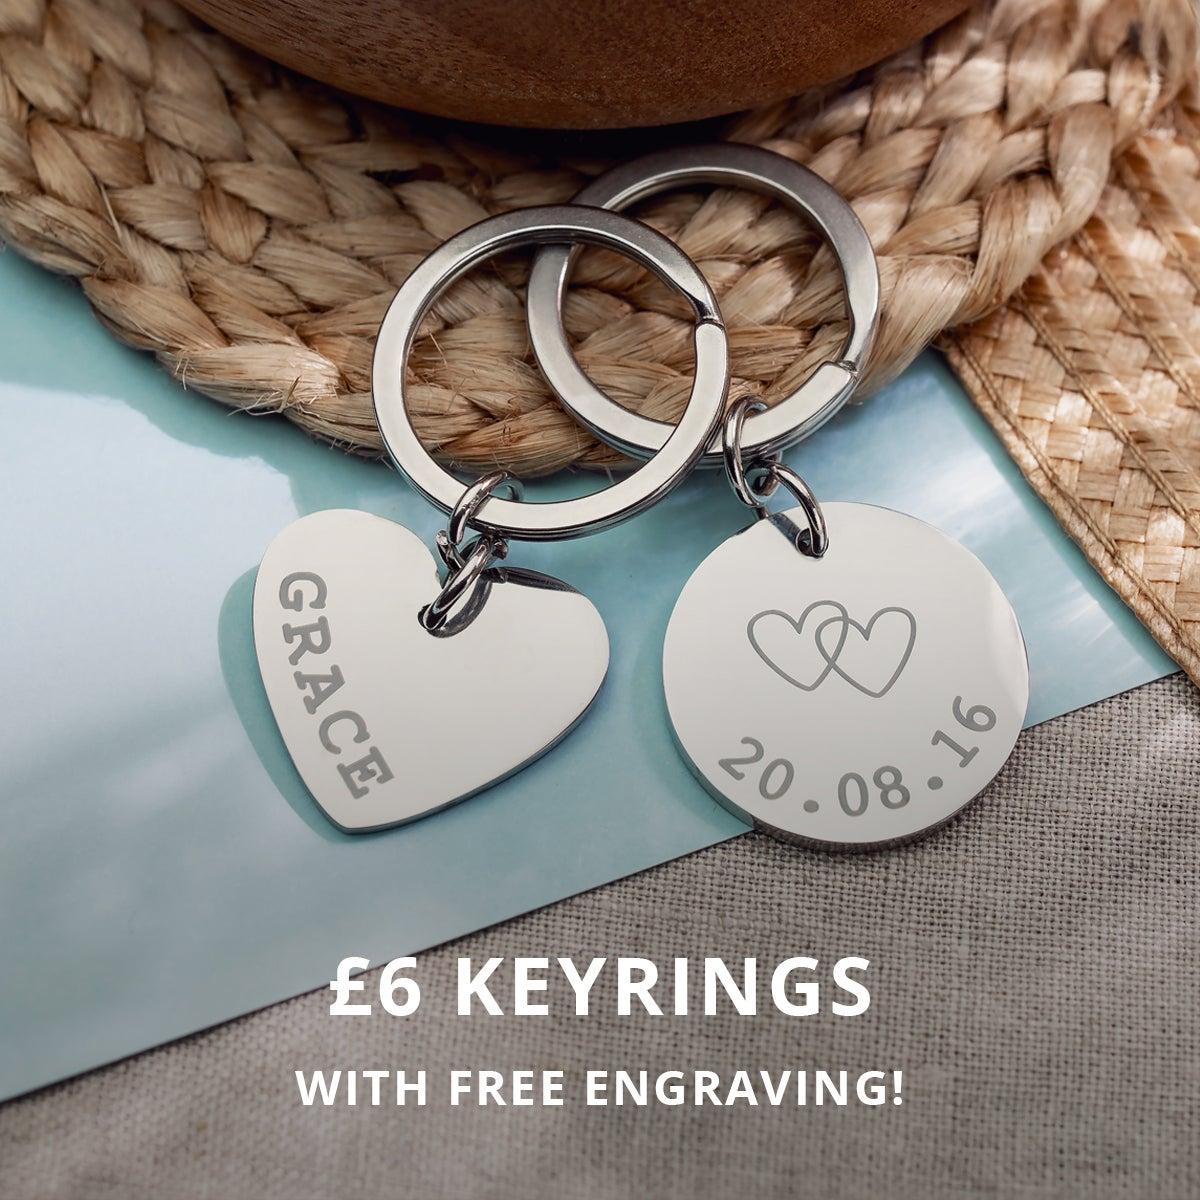 JG Keyring Offer